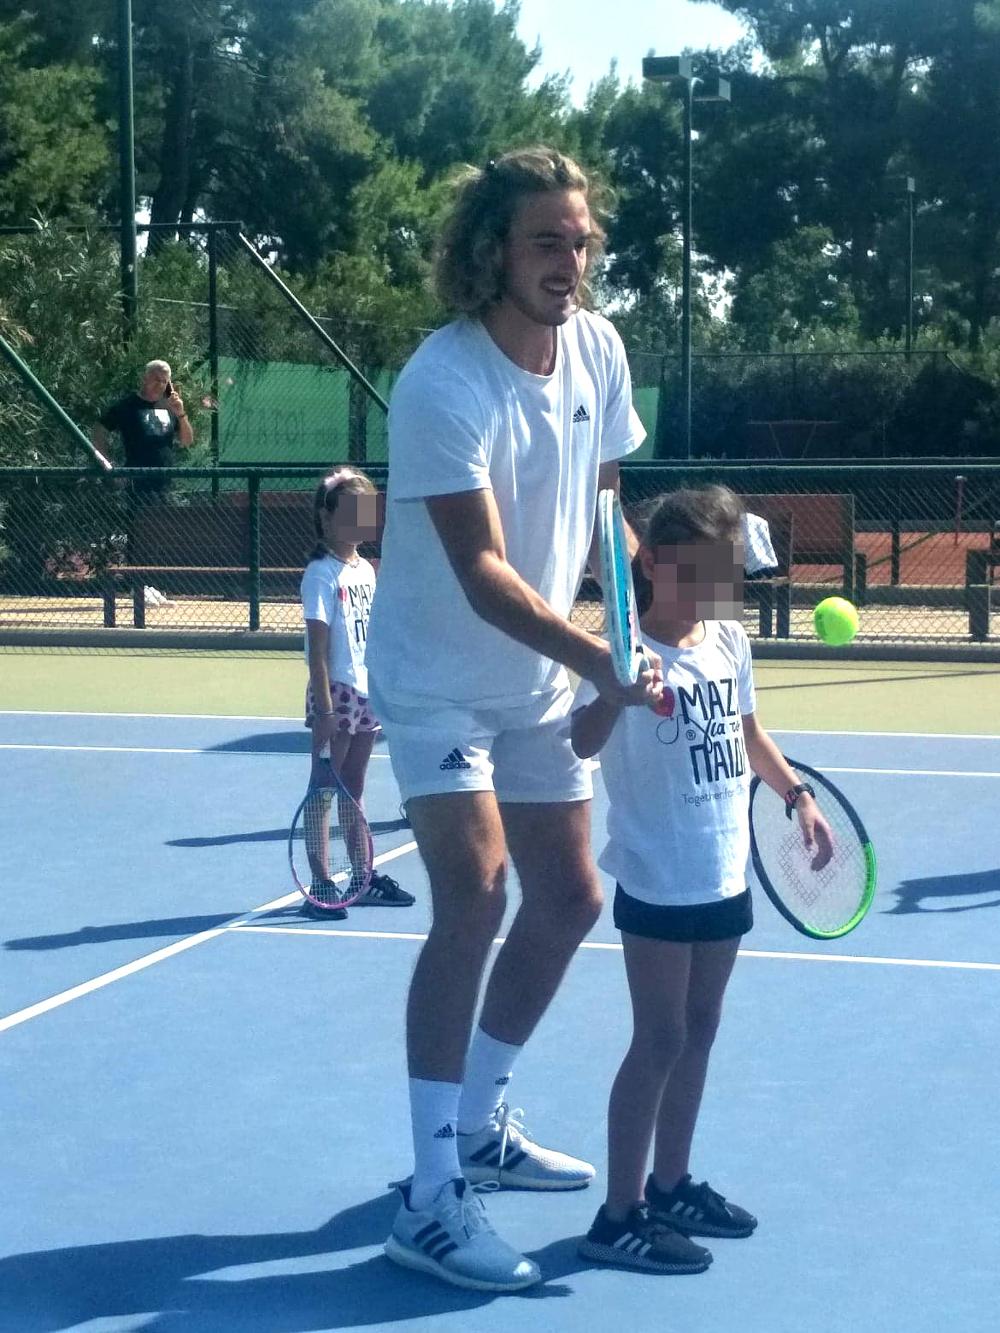 Ο Στέφανος Τσιτσιπάς δείχνει σε ένα κοριτσάκι πώς να κρατά την ρακέτα του τένις